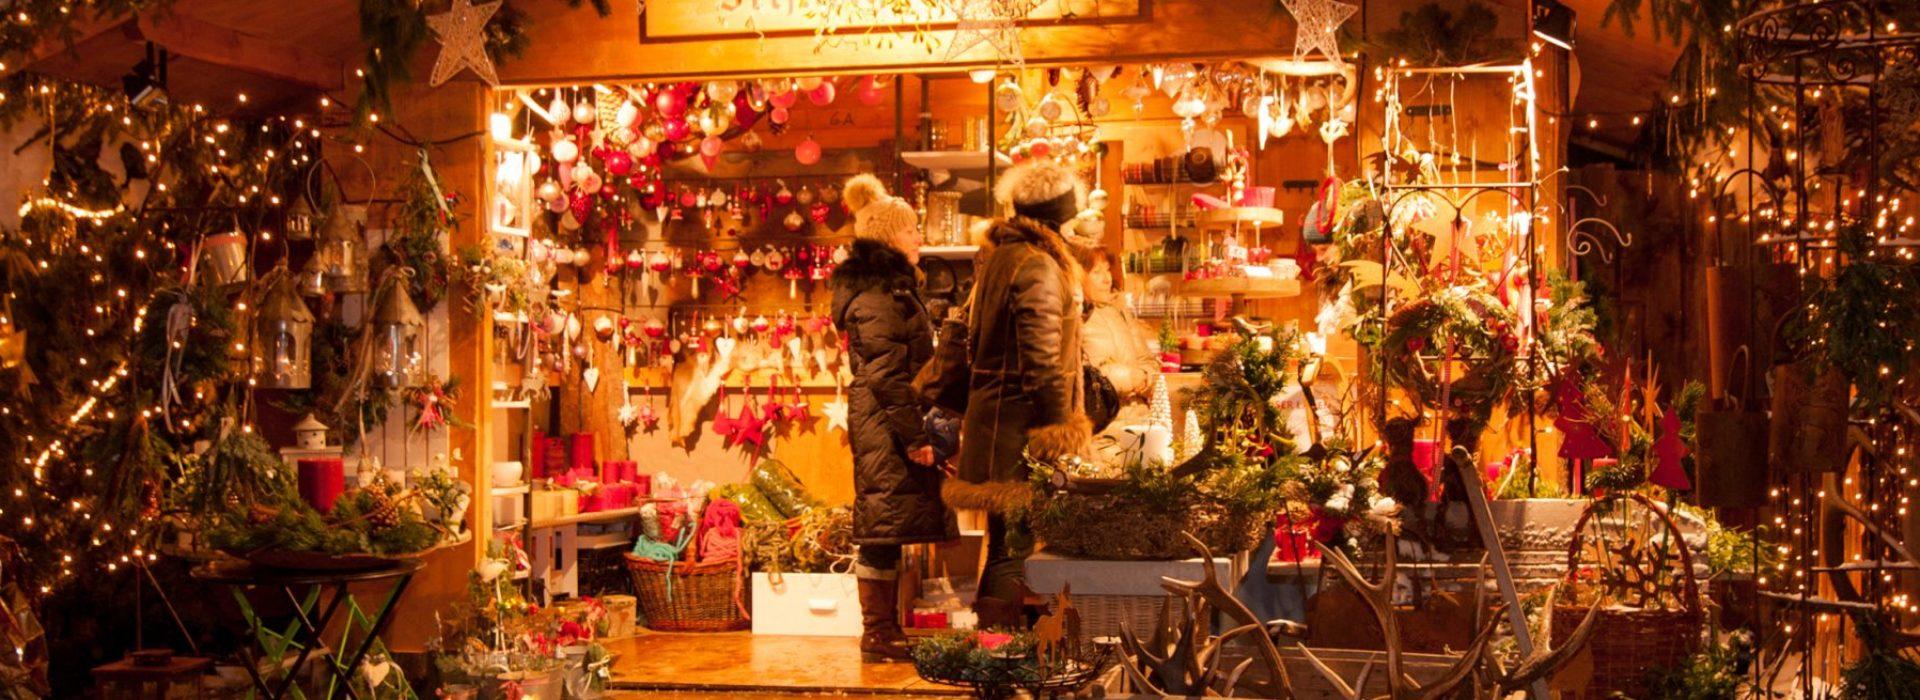 Bad Hindelang Weihnachtsmarkt.Erlebnisweihnacht Bad Hindelang Weiss Reisen Reiseburo